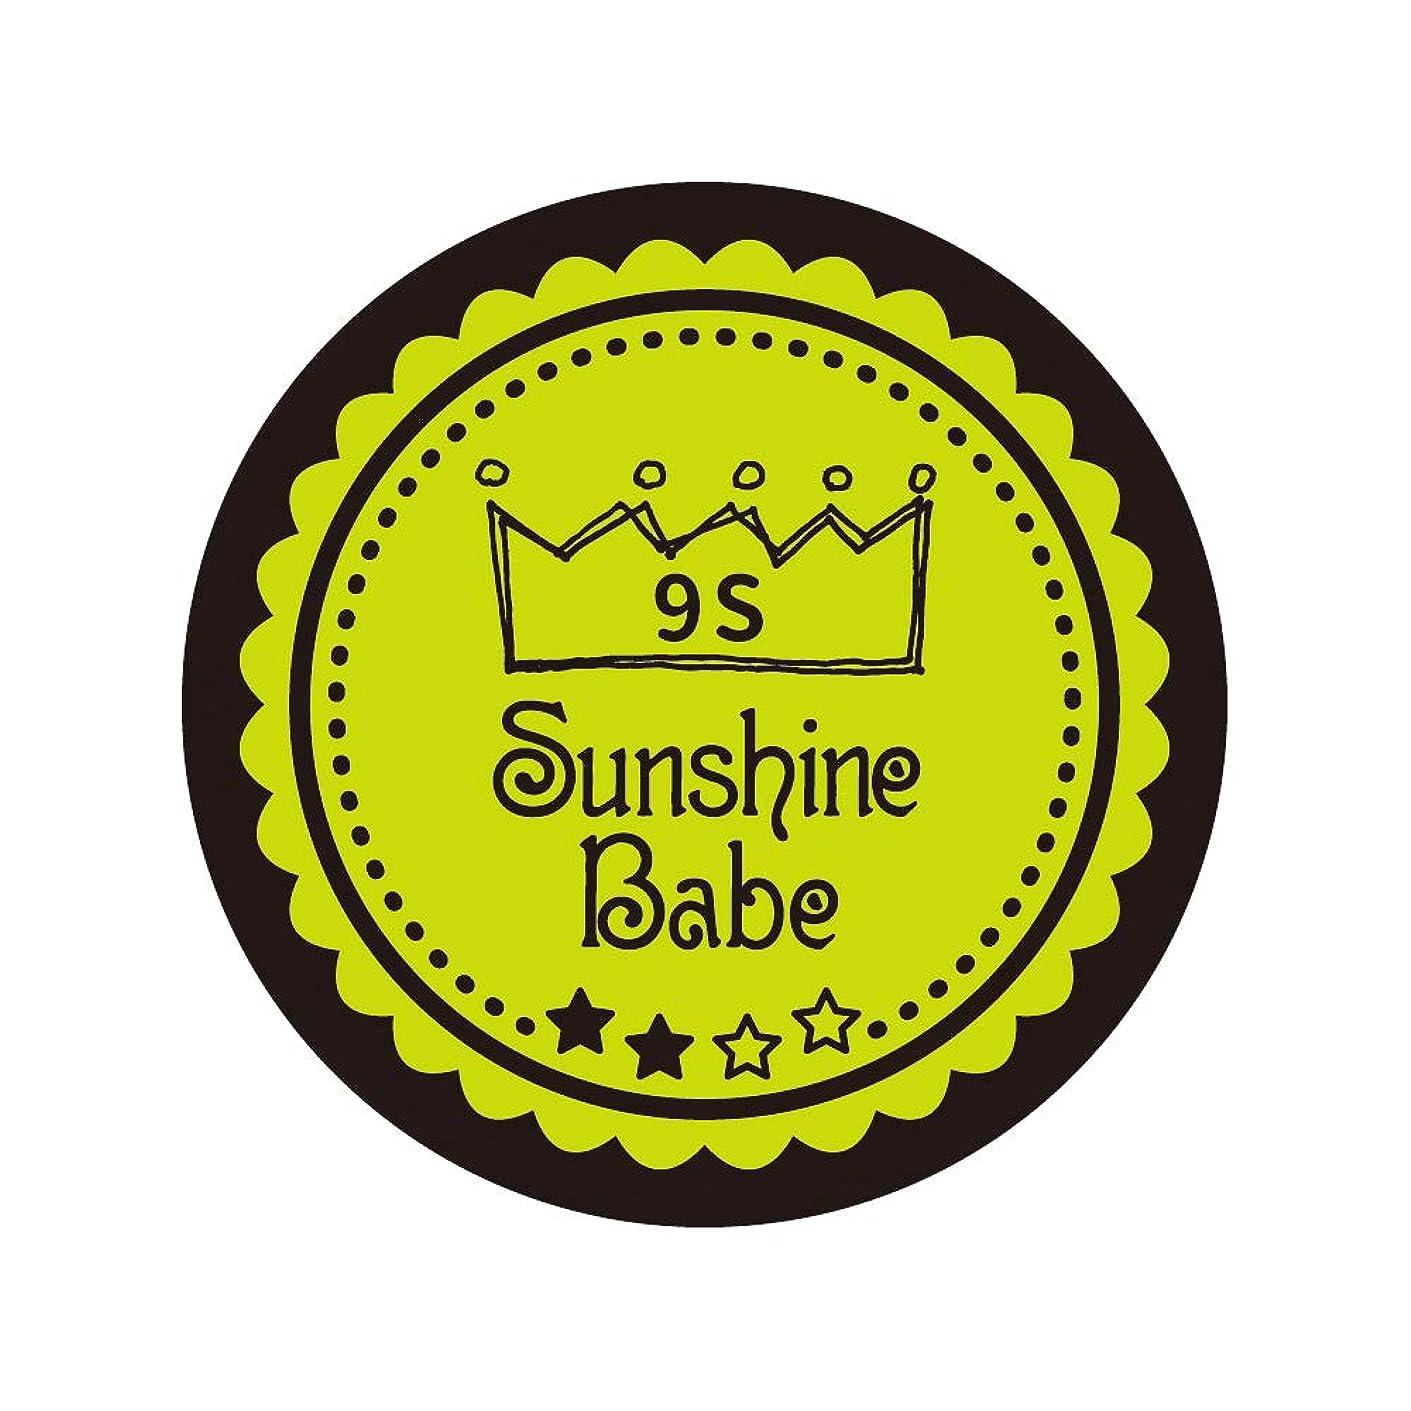 締め切り極貧ユニークなSunshine Babe カラージェル 9S ライムパンチ 2.7g UV/LED対応